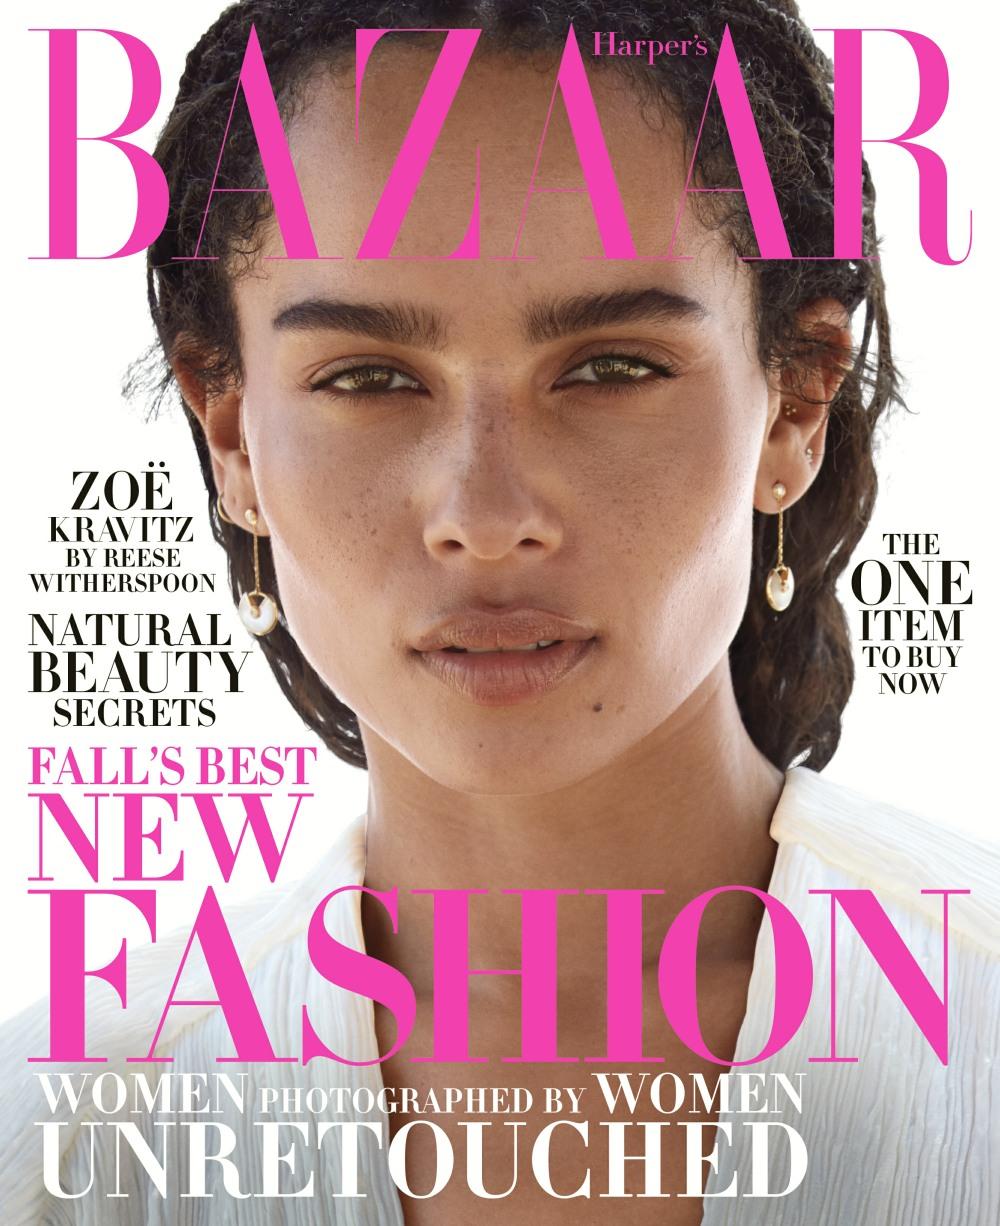 Harper's BAZAAR Oct '18 Cover_NS-1